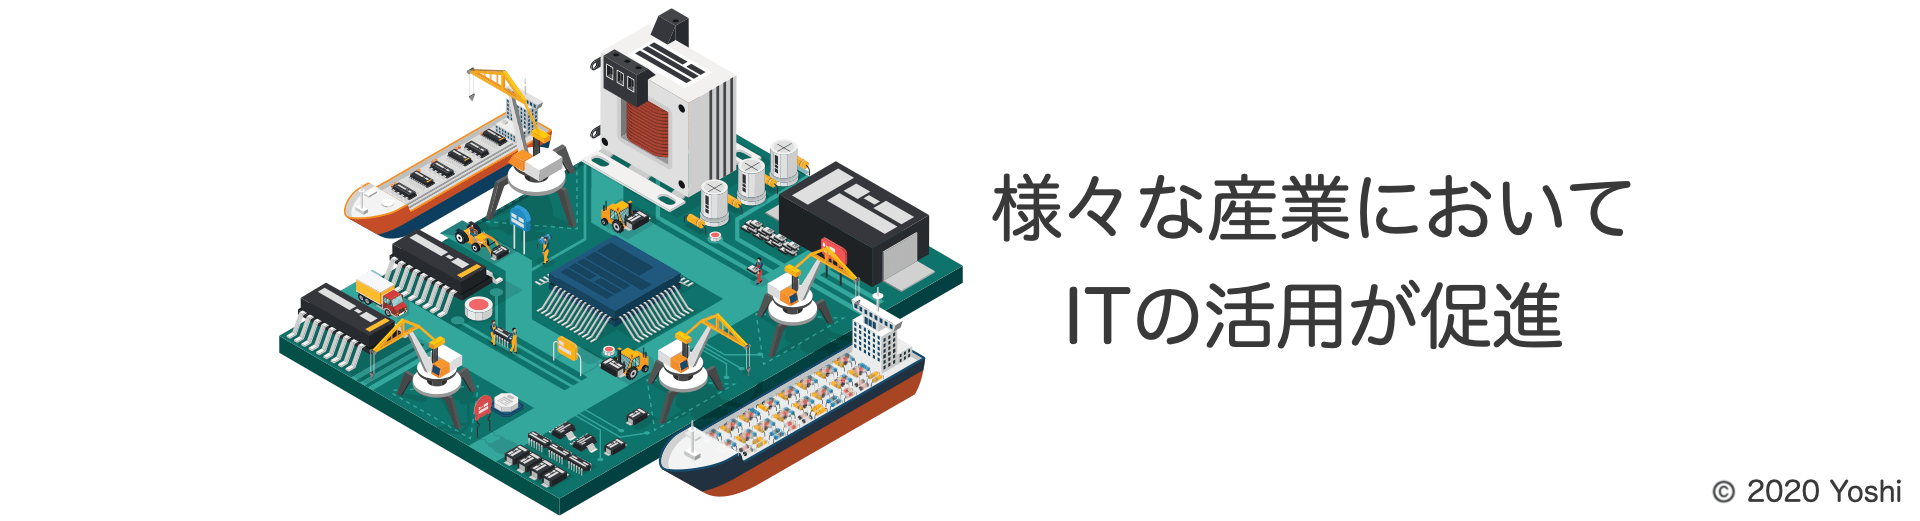 様々な産業でITの活用が促進